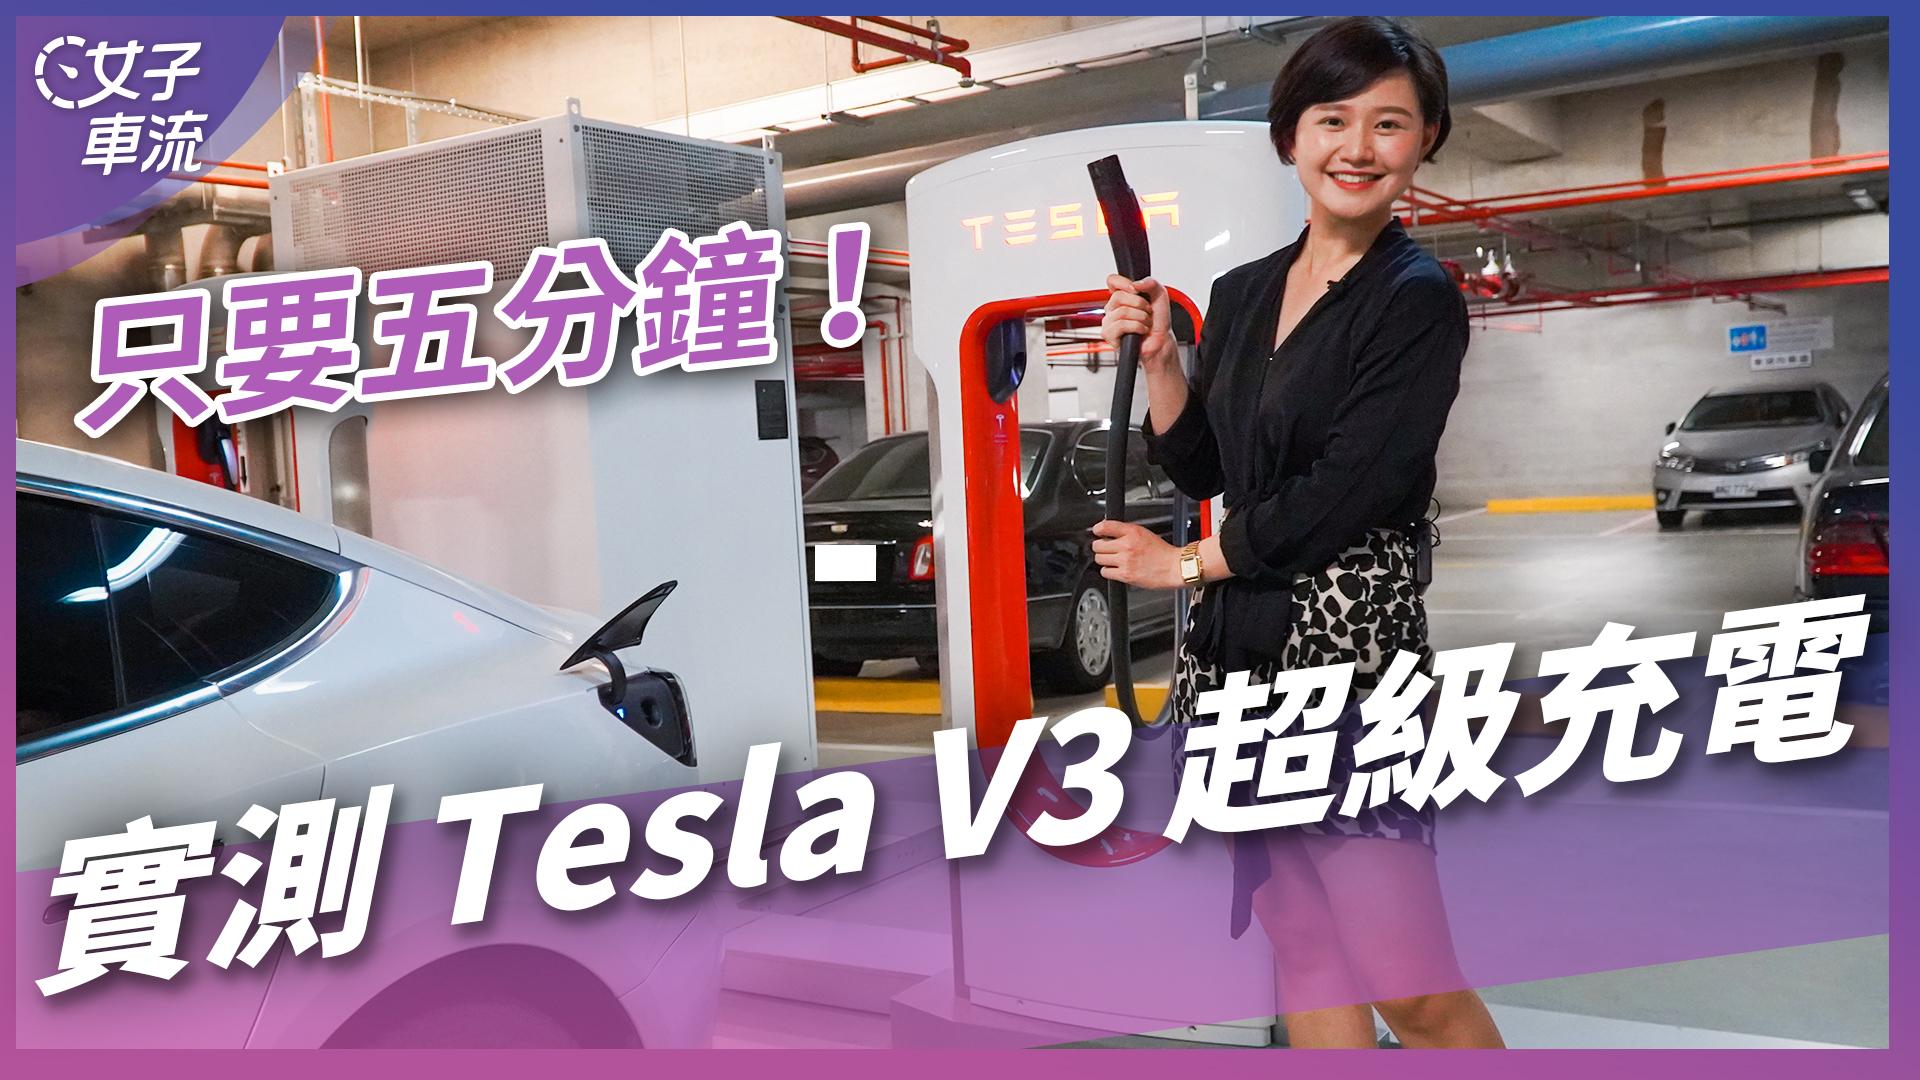 實測電動車 Tesla V3 超級充電樁 @台大辛亥停車場